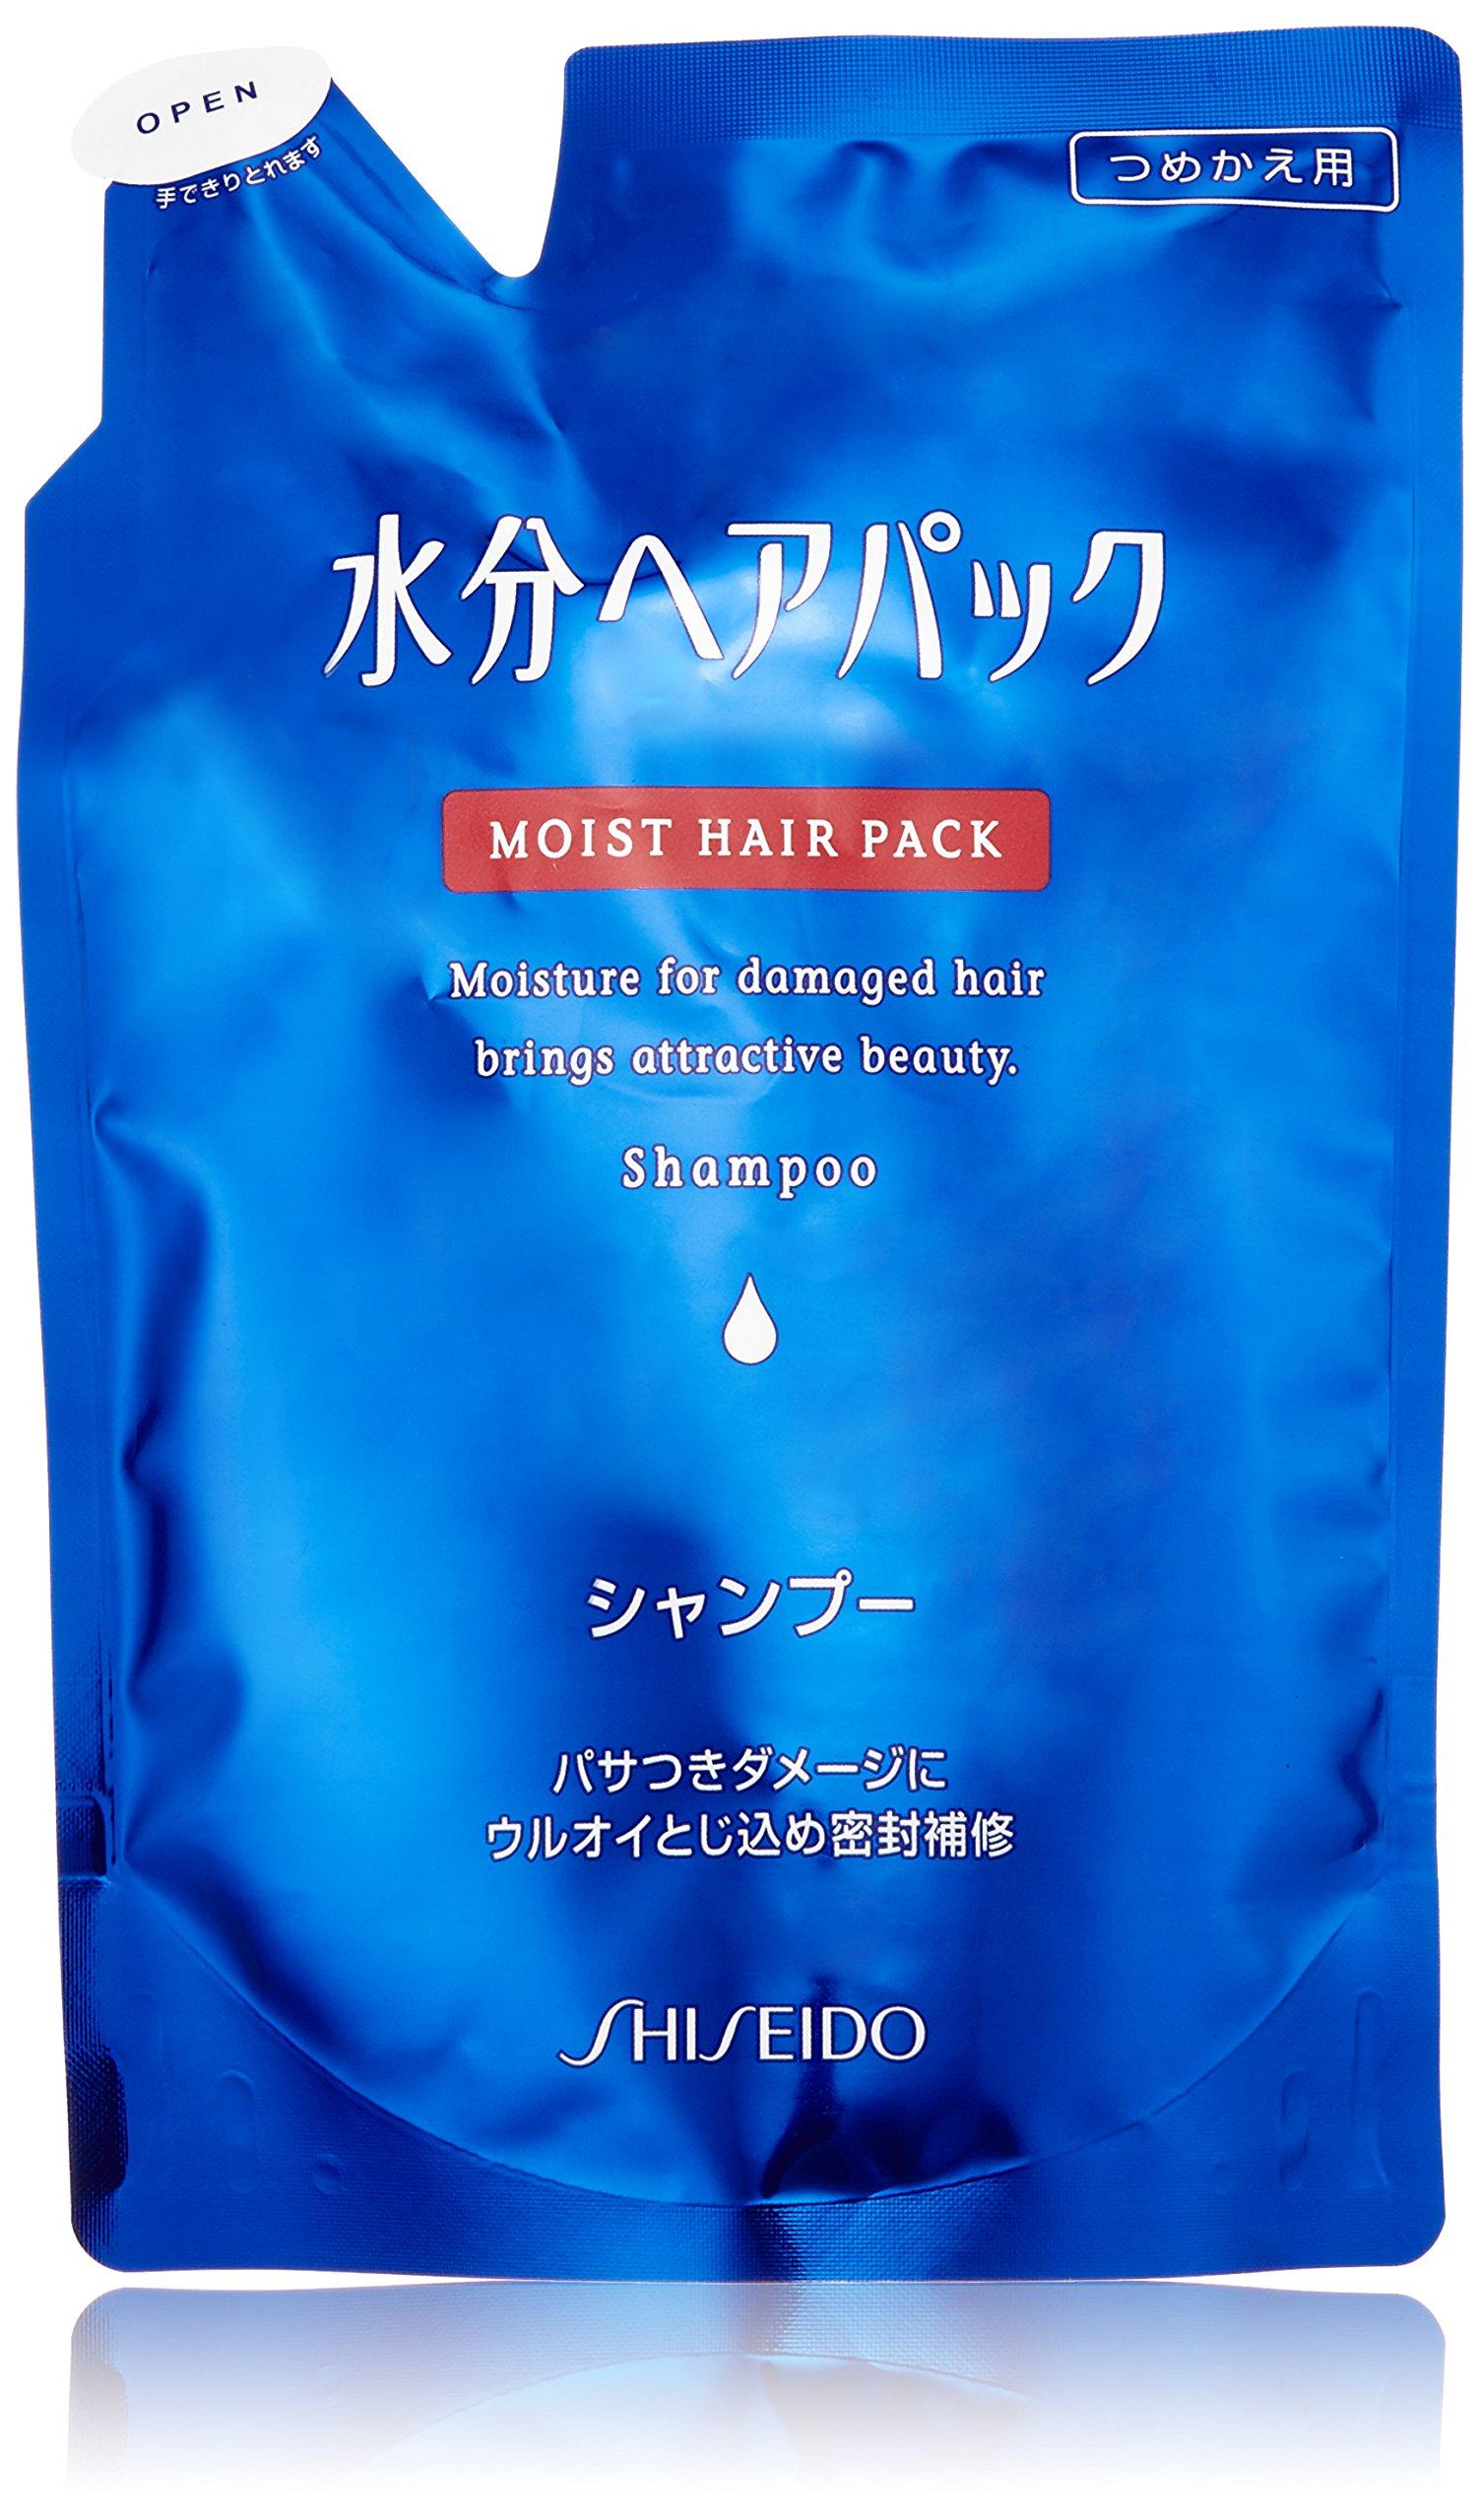 AQUAIR Shiseido Aqua Hair Pack Shampoo Refill 05